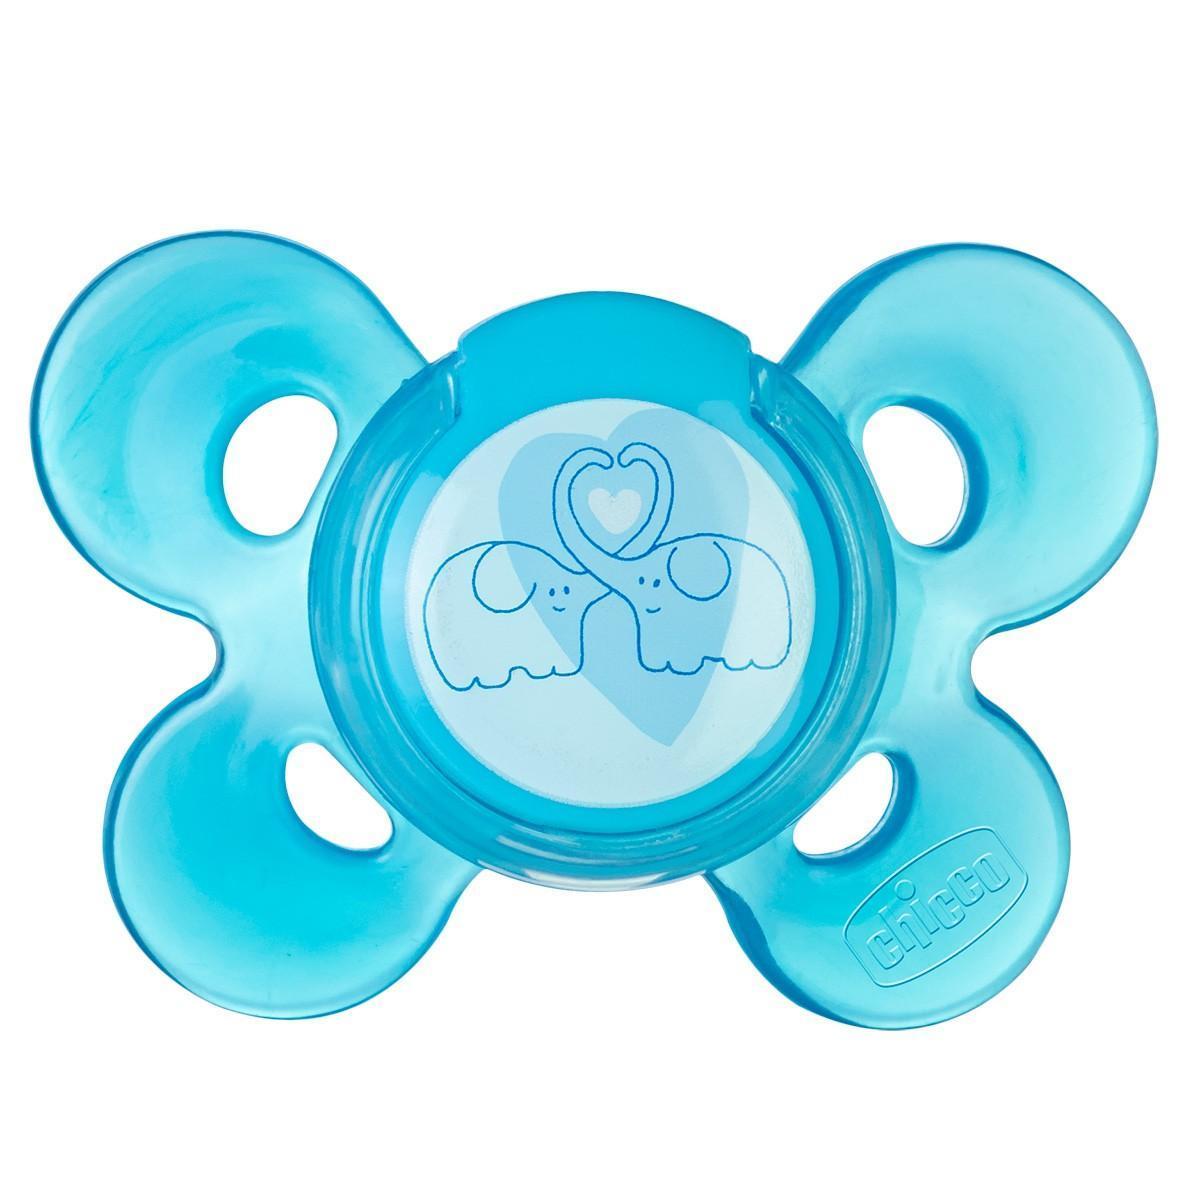 Chicco Пустышка силиконовая, голубой цвет, 4+, 1 шт00072813210000Красивая улыбка сегодня — красивый ротик завтра! Новая серия Physio Comfort от Chicco — инновационная суперэргономичная пустышка с ортодонтической активной соской для правильного развития рта. Экстраэргономичный щиток протестирован на предмет максимального комфорта. Соска имеет максимально тонкое основание для оптимального закрытия рта, наклонный профиль с желобками для правильного движения рта, тонкие края для правильного положения языка. Соска разработана ведущими ортодонтами и выполнена из мягкого латекса и силикона. Серия состоит из нескольких цветов - для мальчиков и девочек. Оставляет большое пространство области носа и подбородка, облегчая дыхание. Зона у основания широкая и находится на достаточном расстоянии, чтобы обеспечивать естественное движение губ во время сосания. Пустышка прислоняется к лицу 4-мя маленькими опорами для максимальной деликатности. Натуральный латекс — мягкий натуральный материал, упругий и стойкий легко...